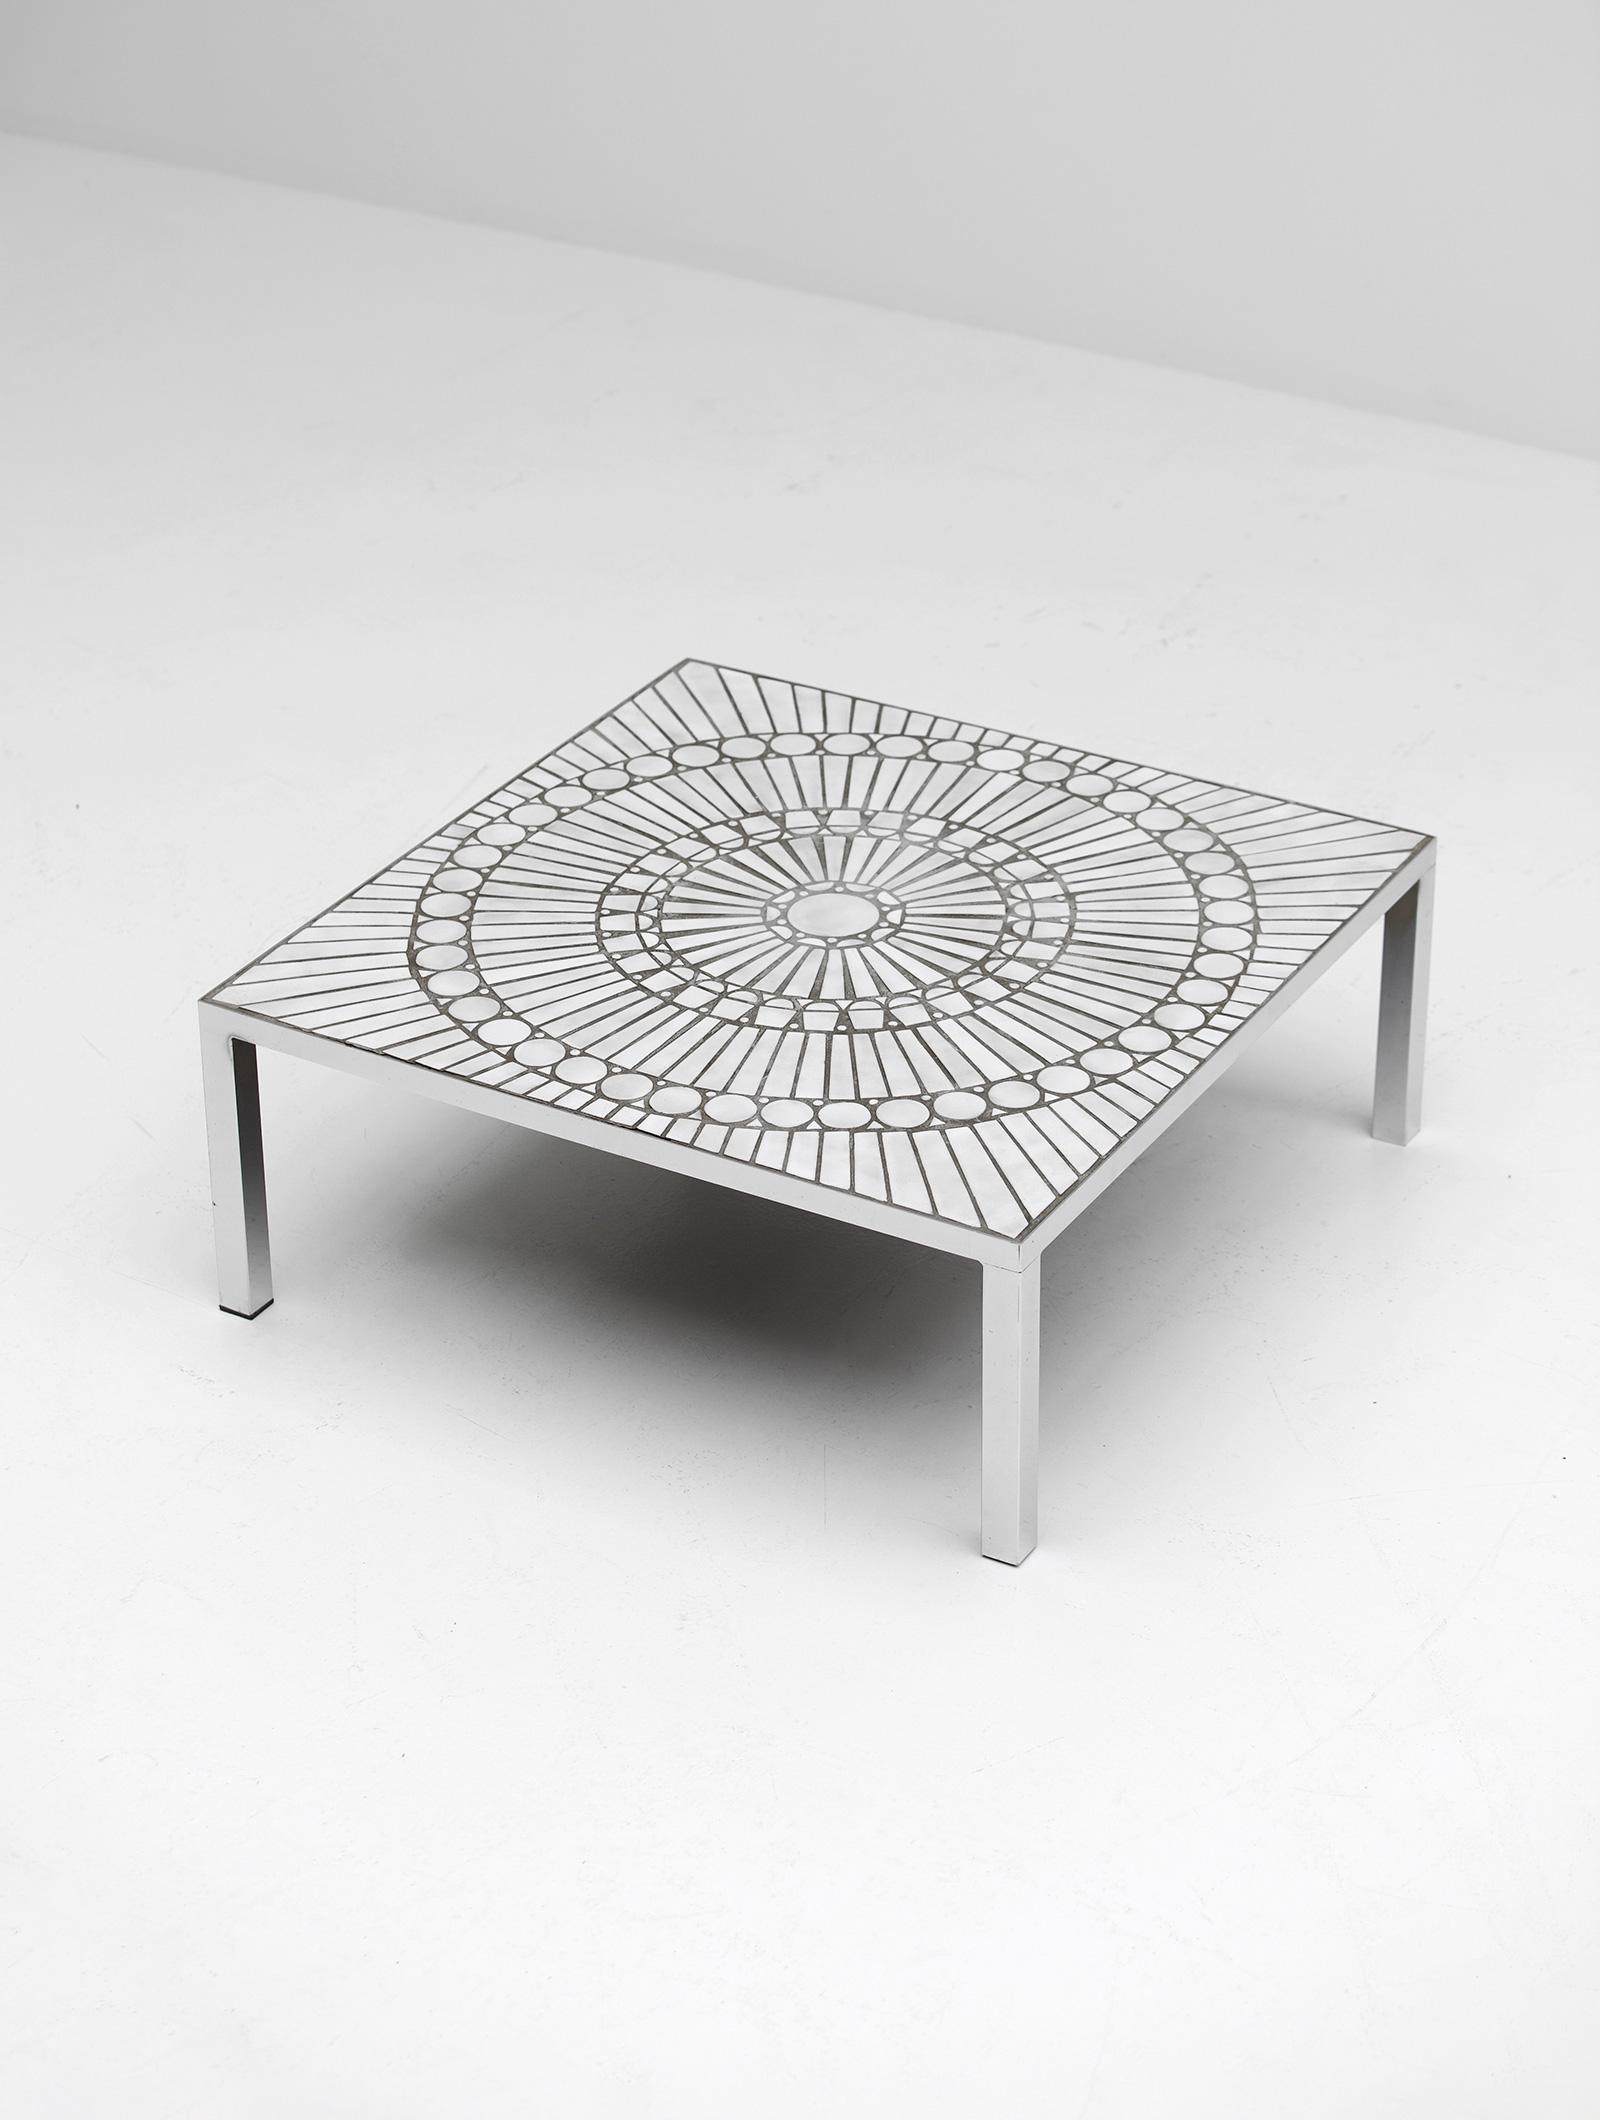 Lutgart De Meyer G58 Ceramic Coffee Tableimage 5